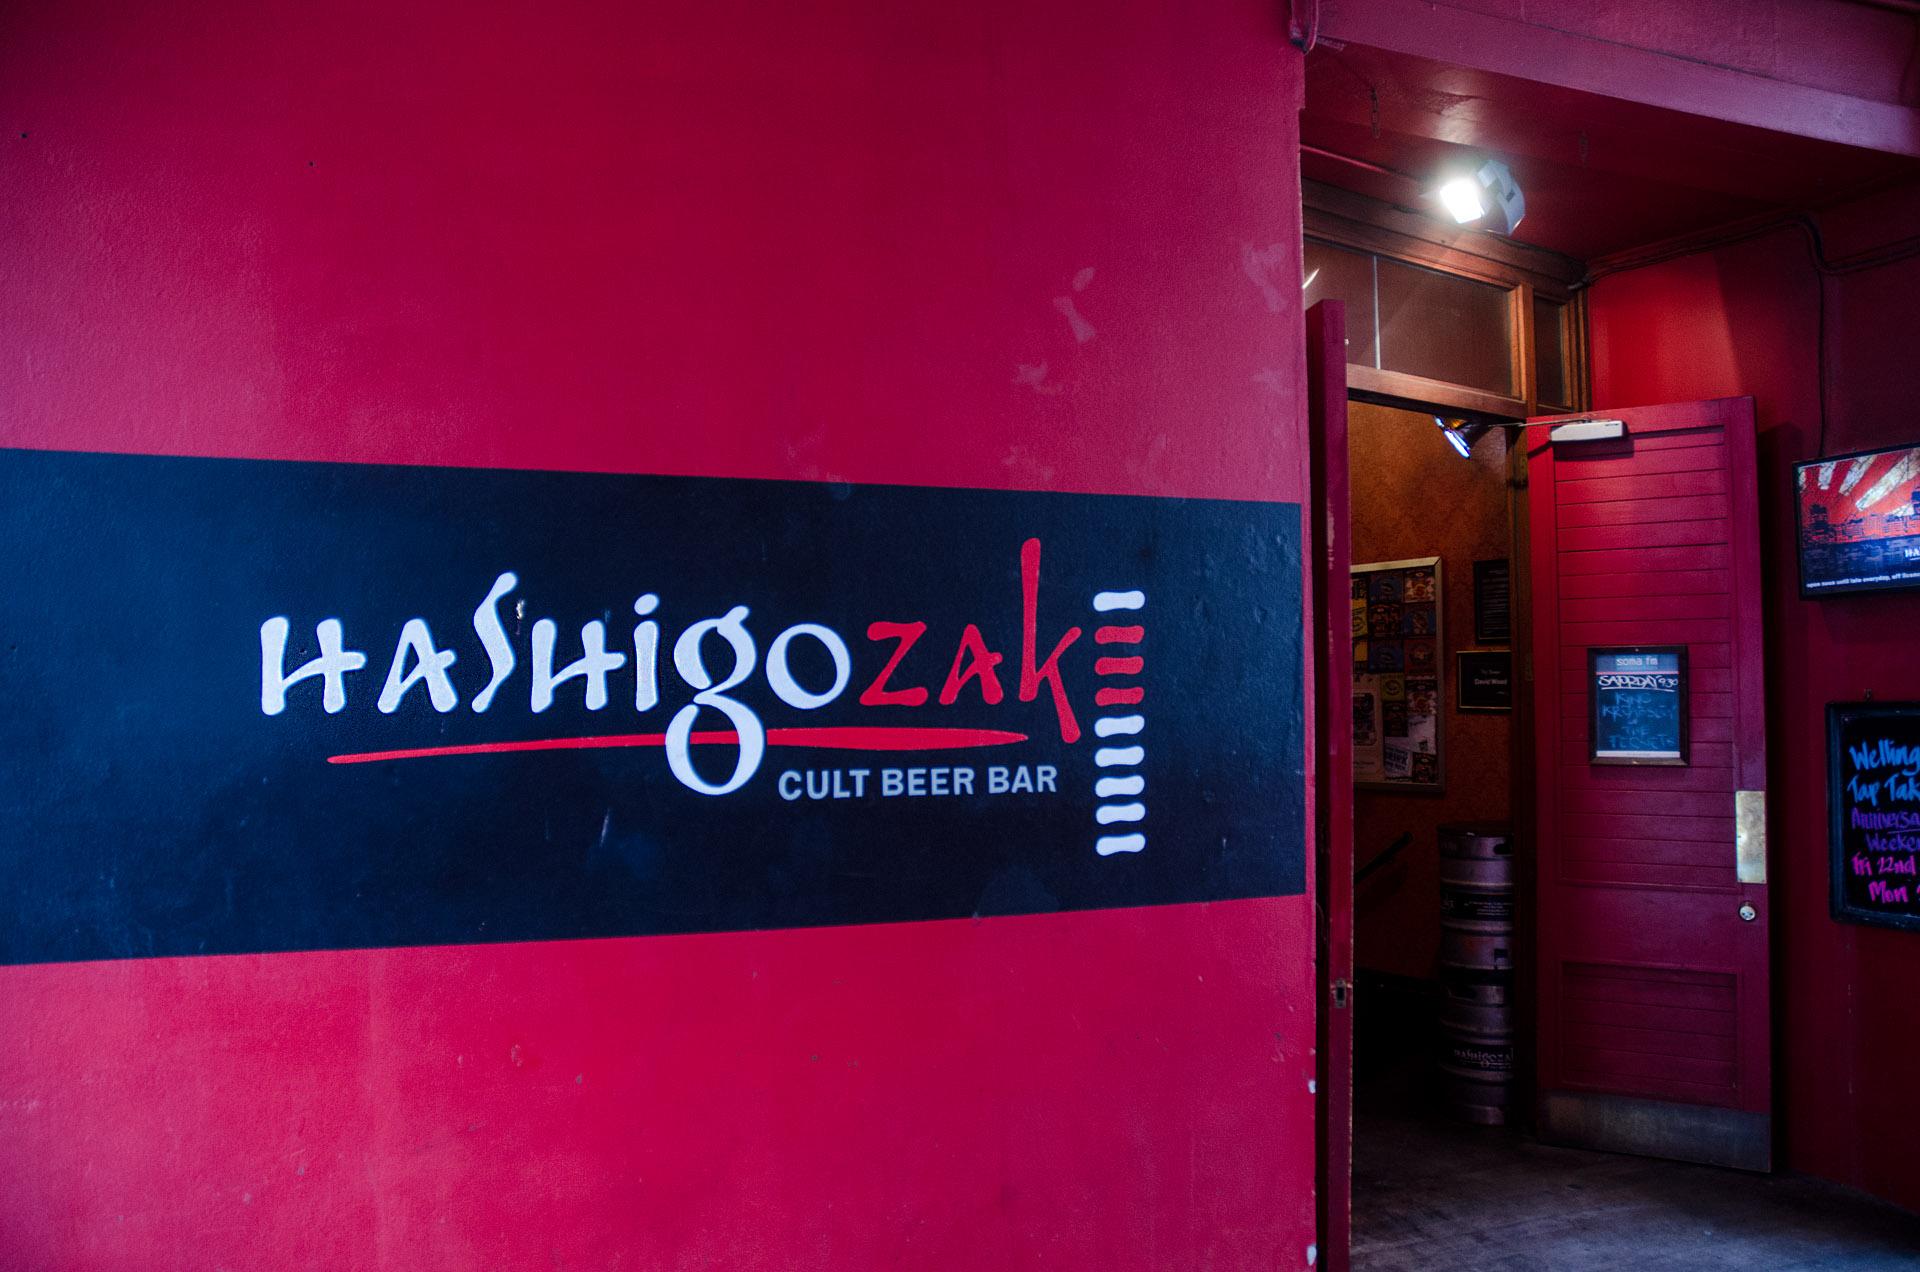 Hashigo Zaki